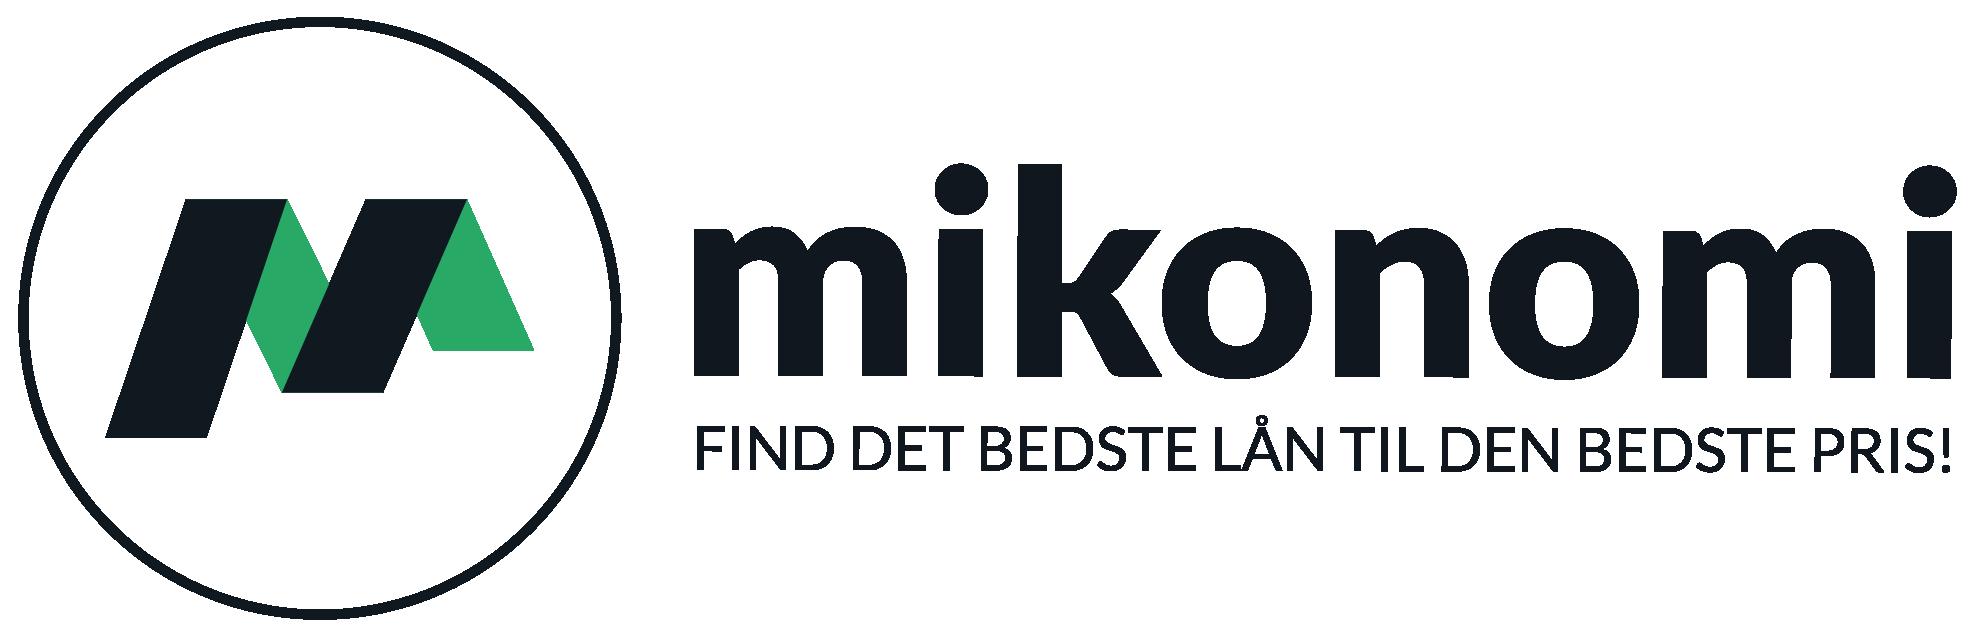 Mikonomi.dk